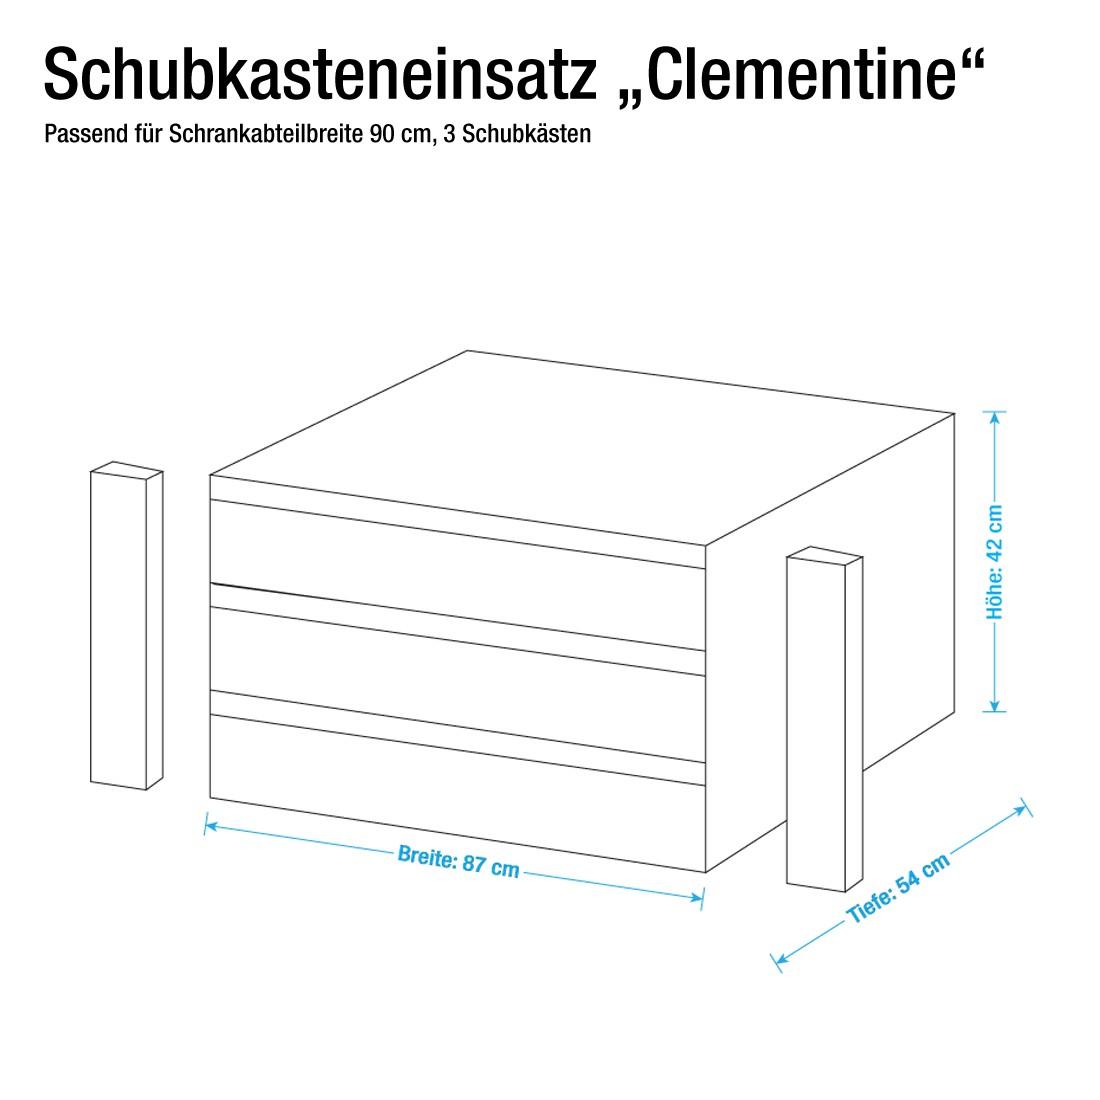 90er Schubkasteneinsatz (Schubkasteneinsatz Clementine für Fach 90cm breit)